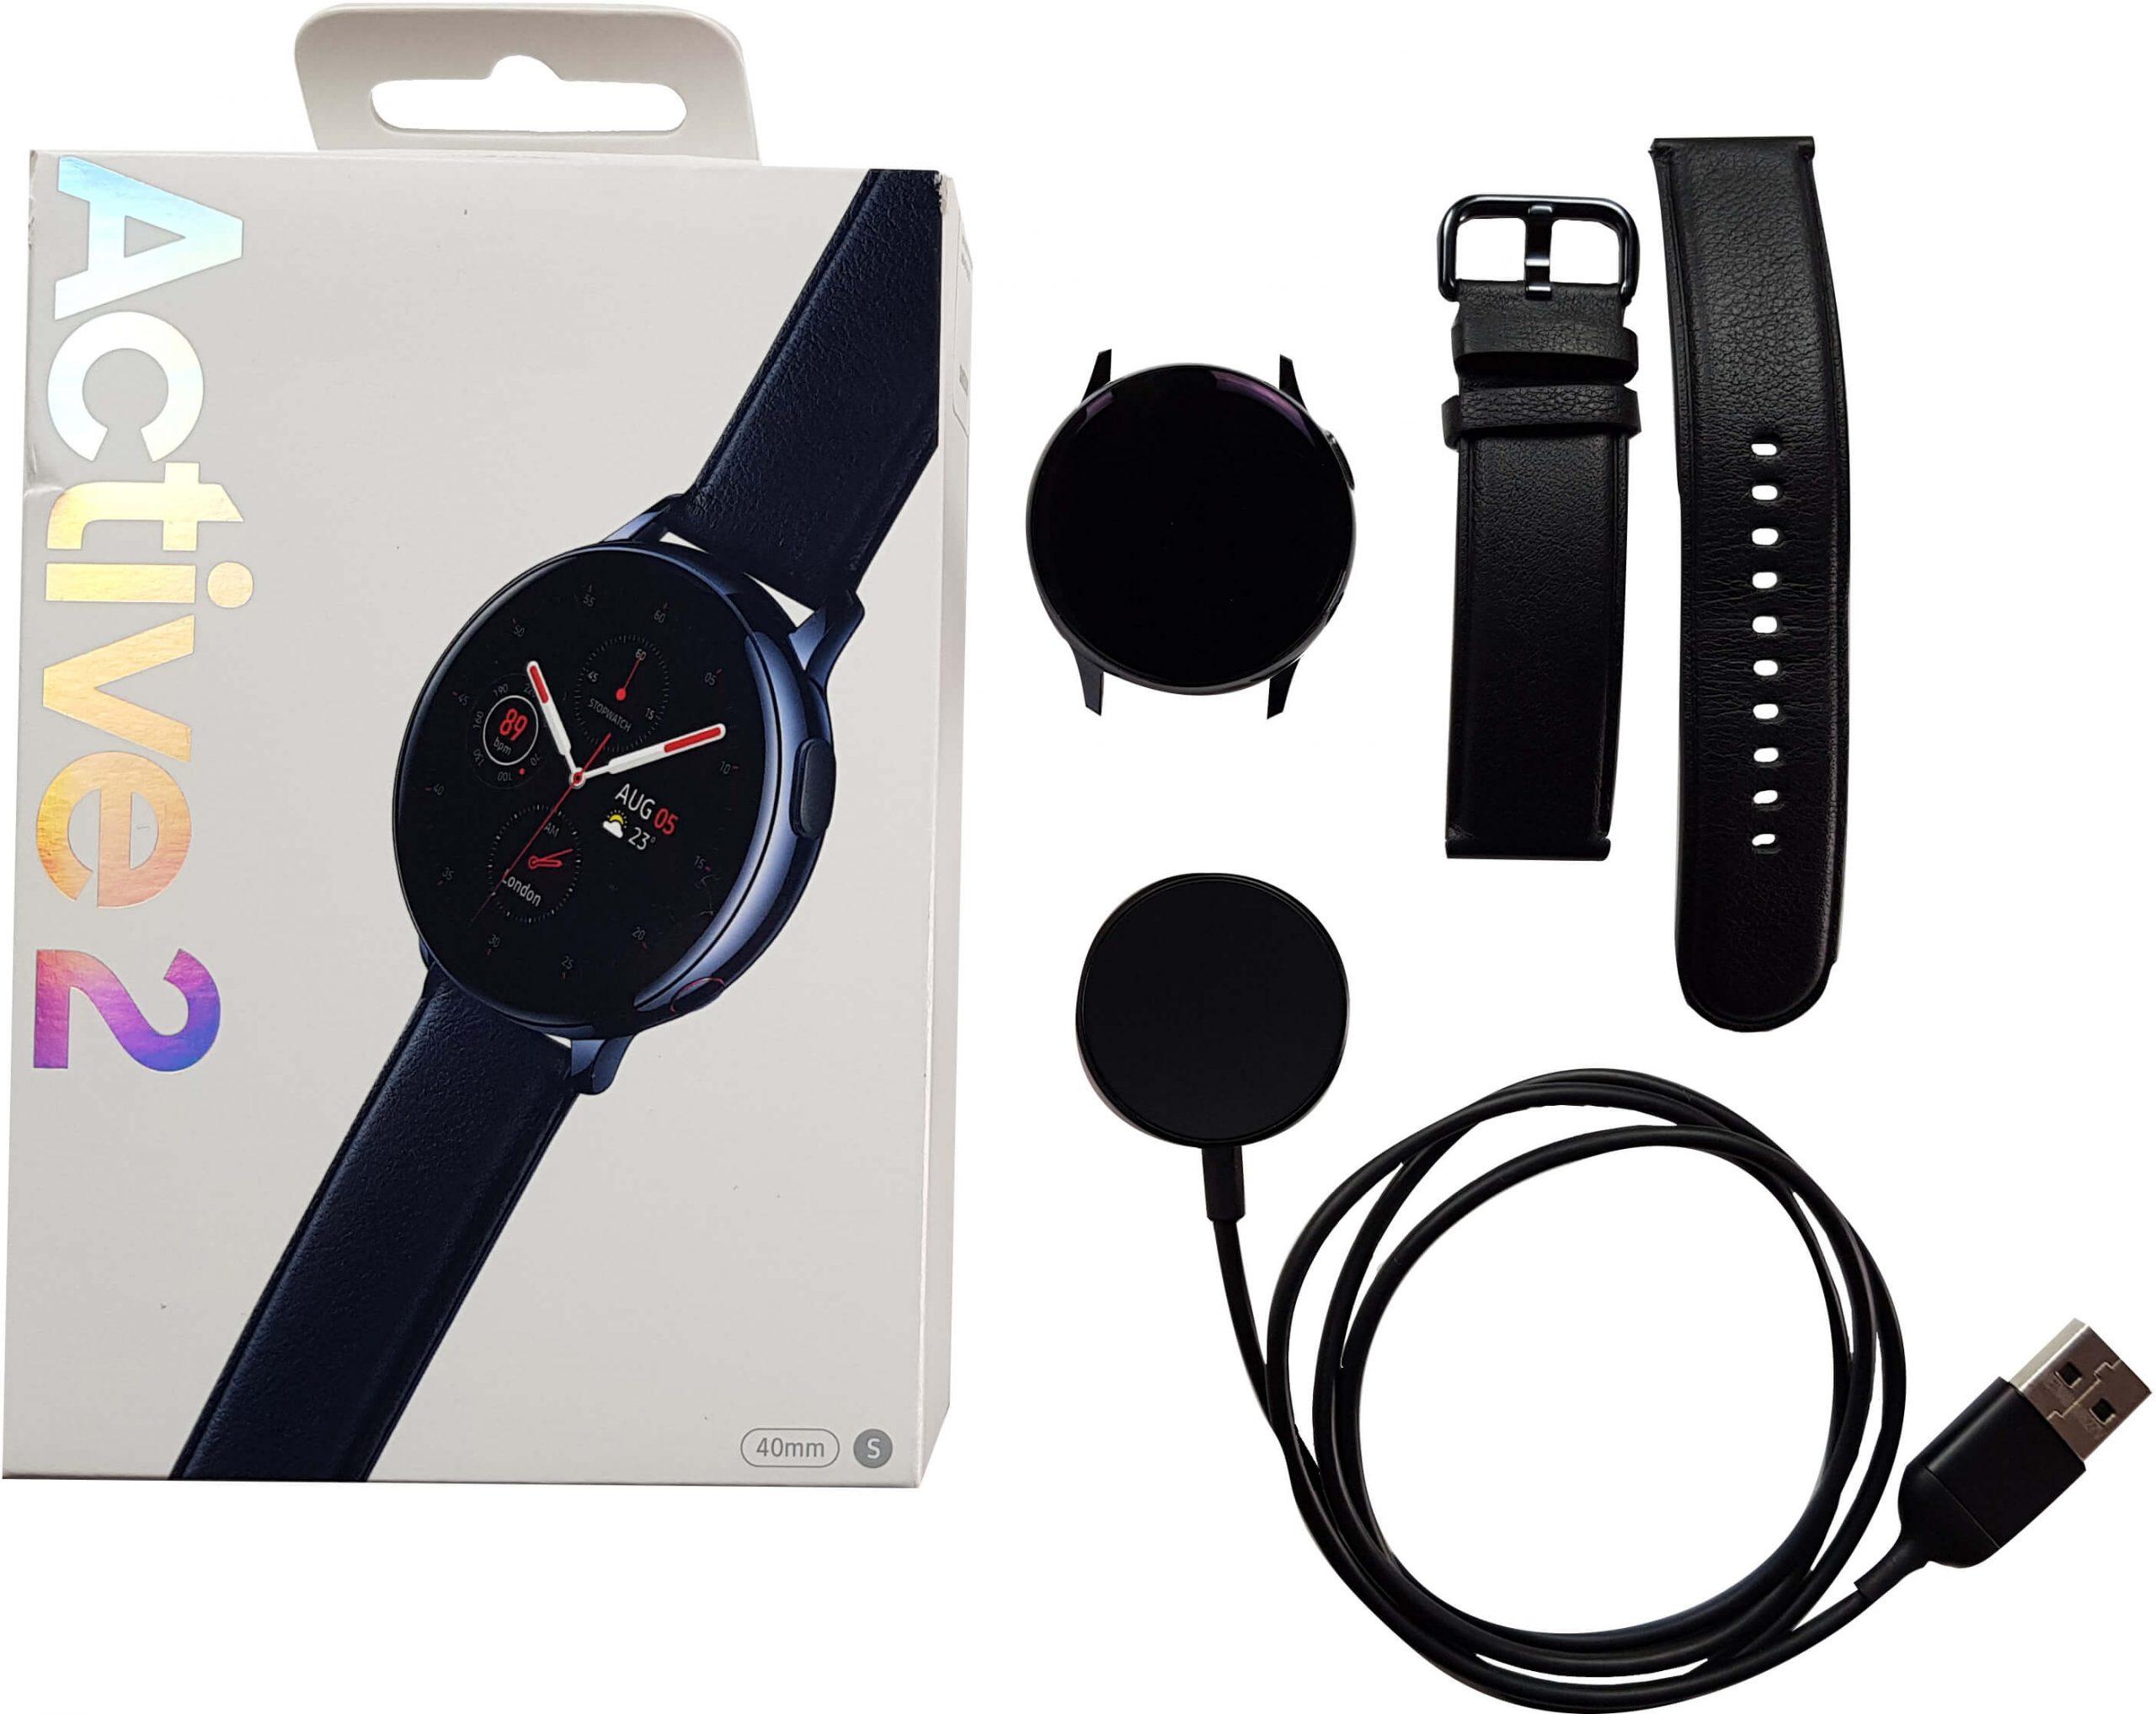 Empaque del Watch Active 2